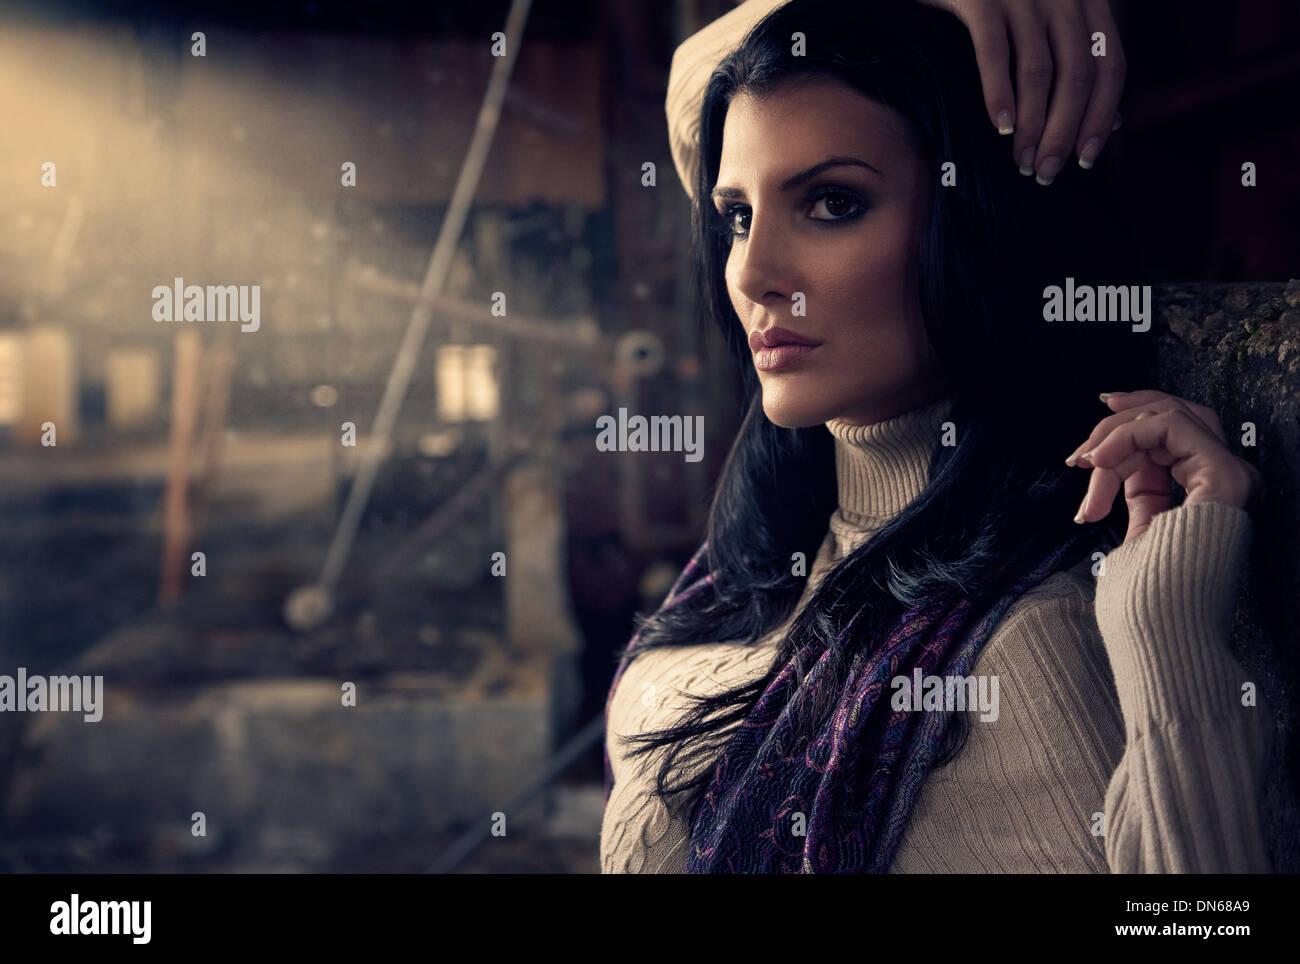 Moda retrato de mujer en el almacén abandonado con haz de luz Imagen De Stock